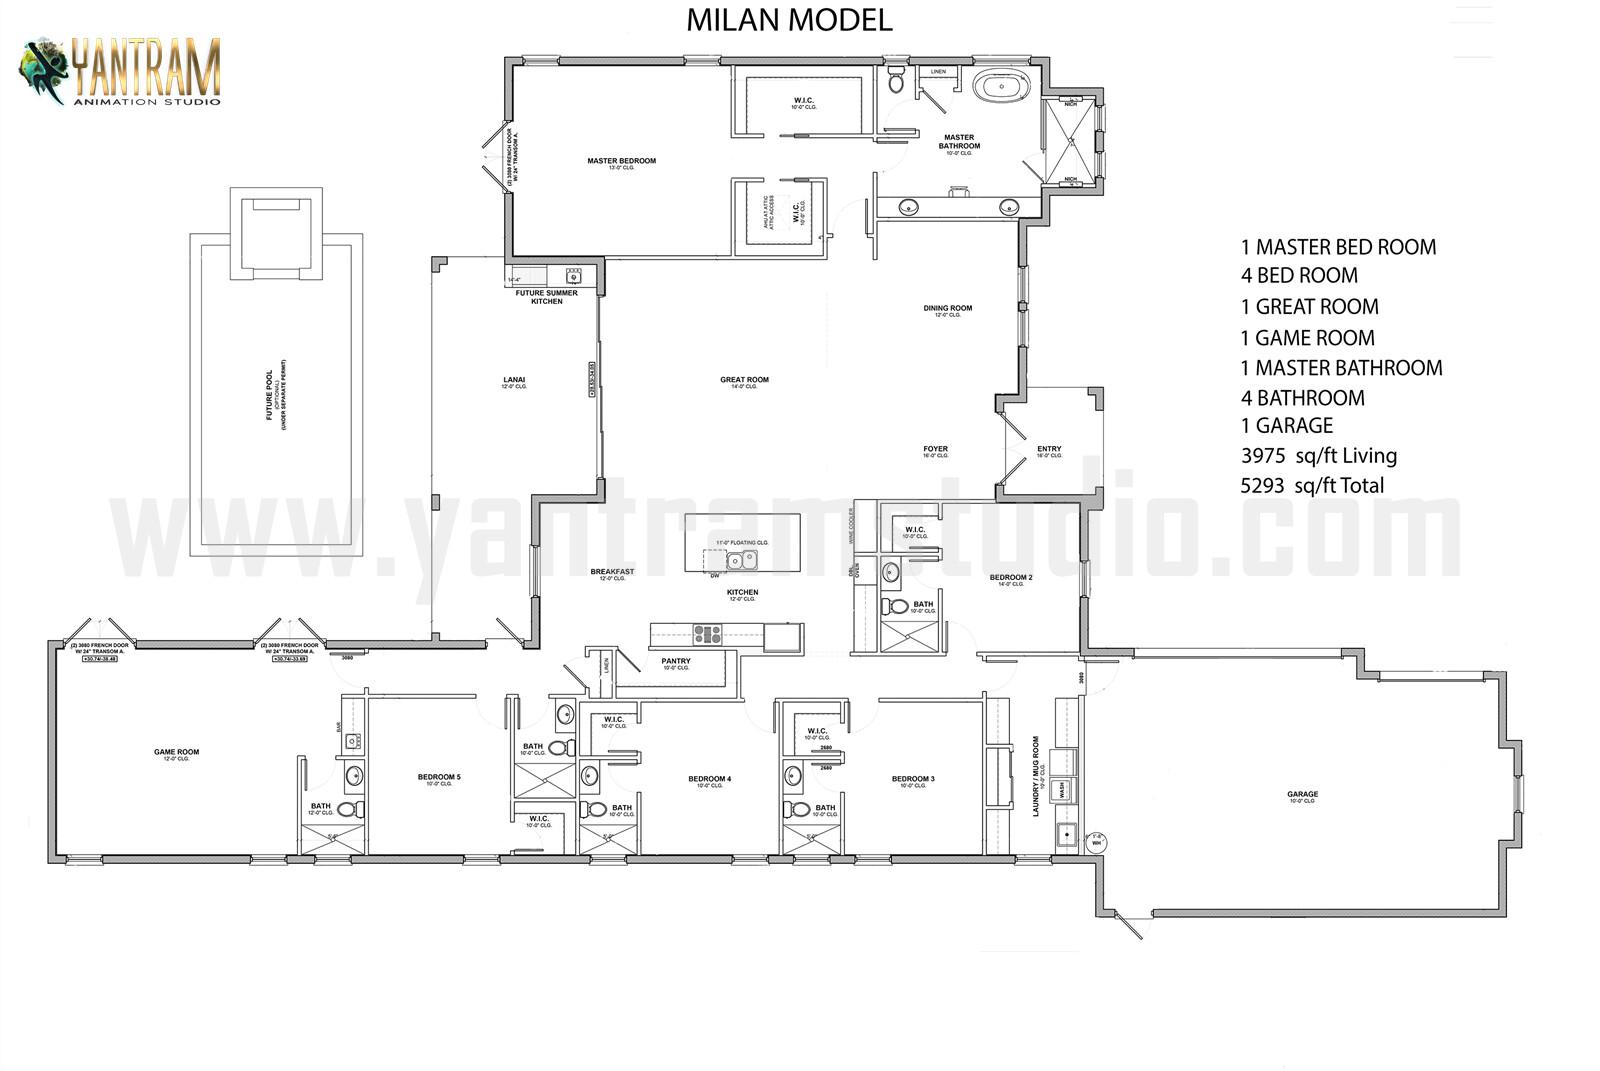 Yantram Architectural Design Studio 2d Floor Plan Rendering